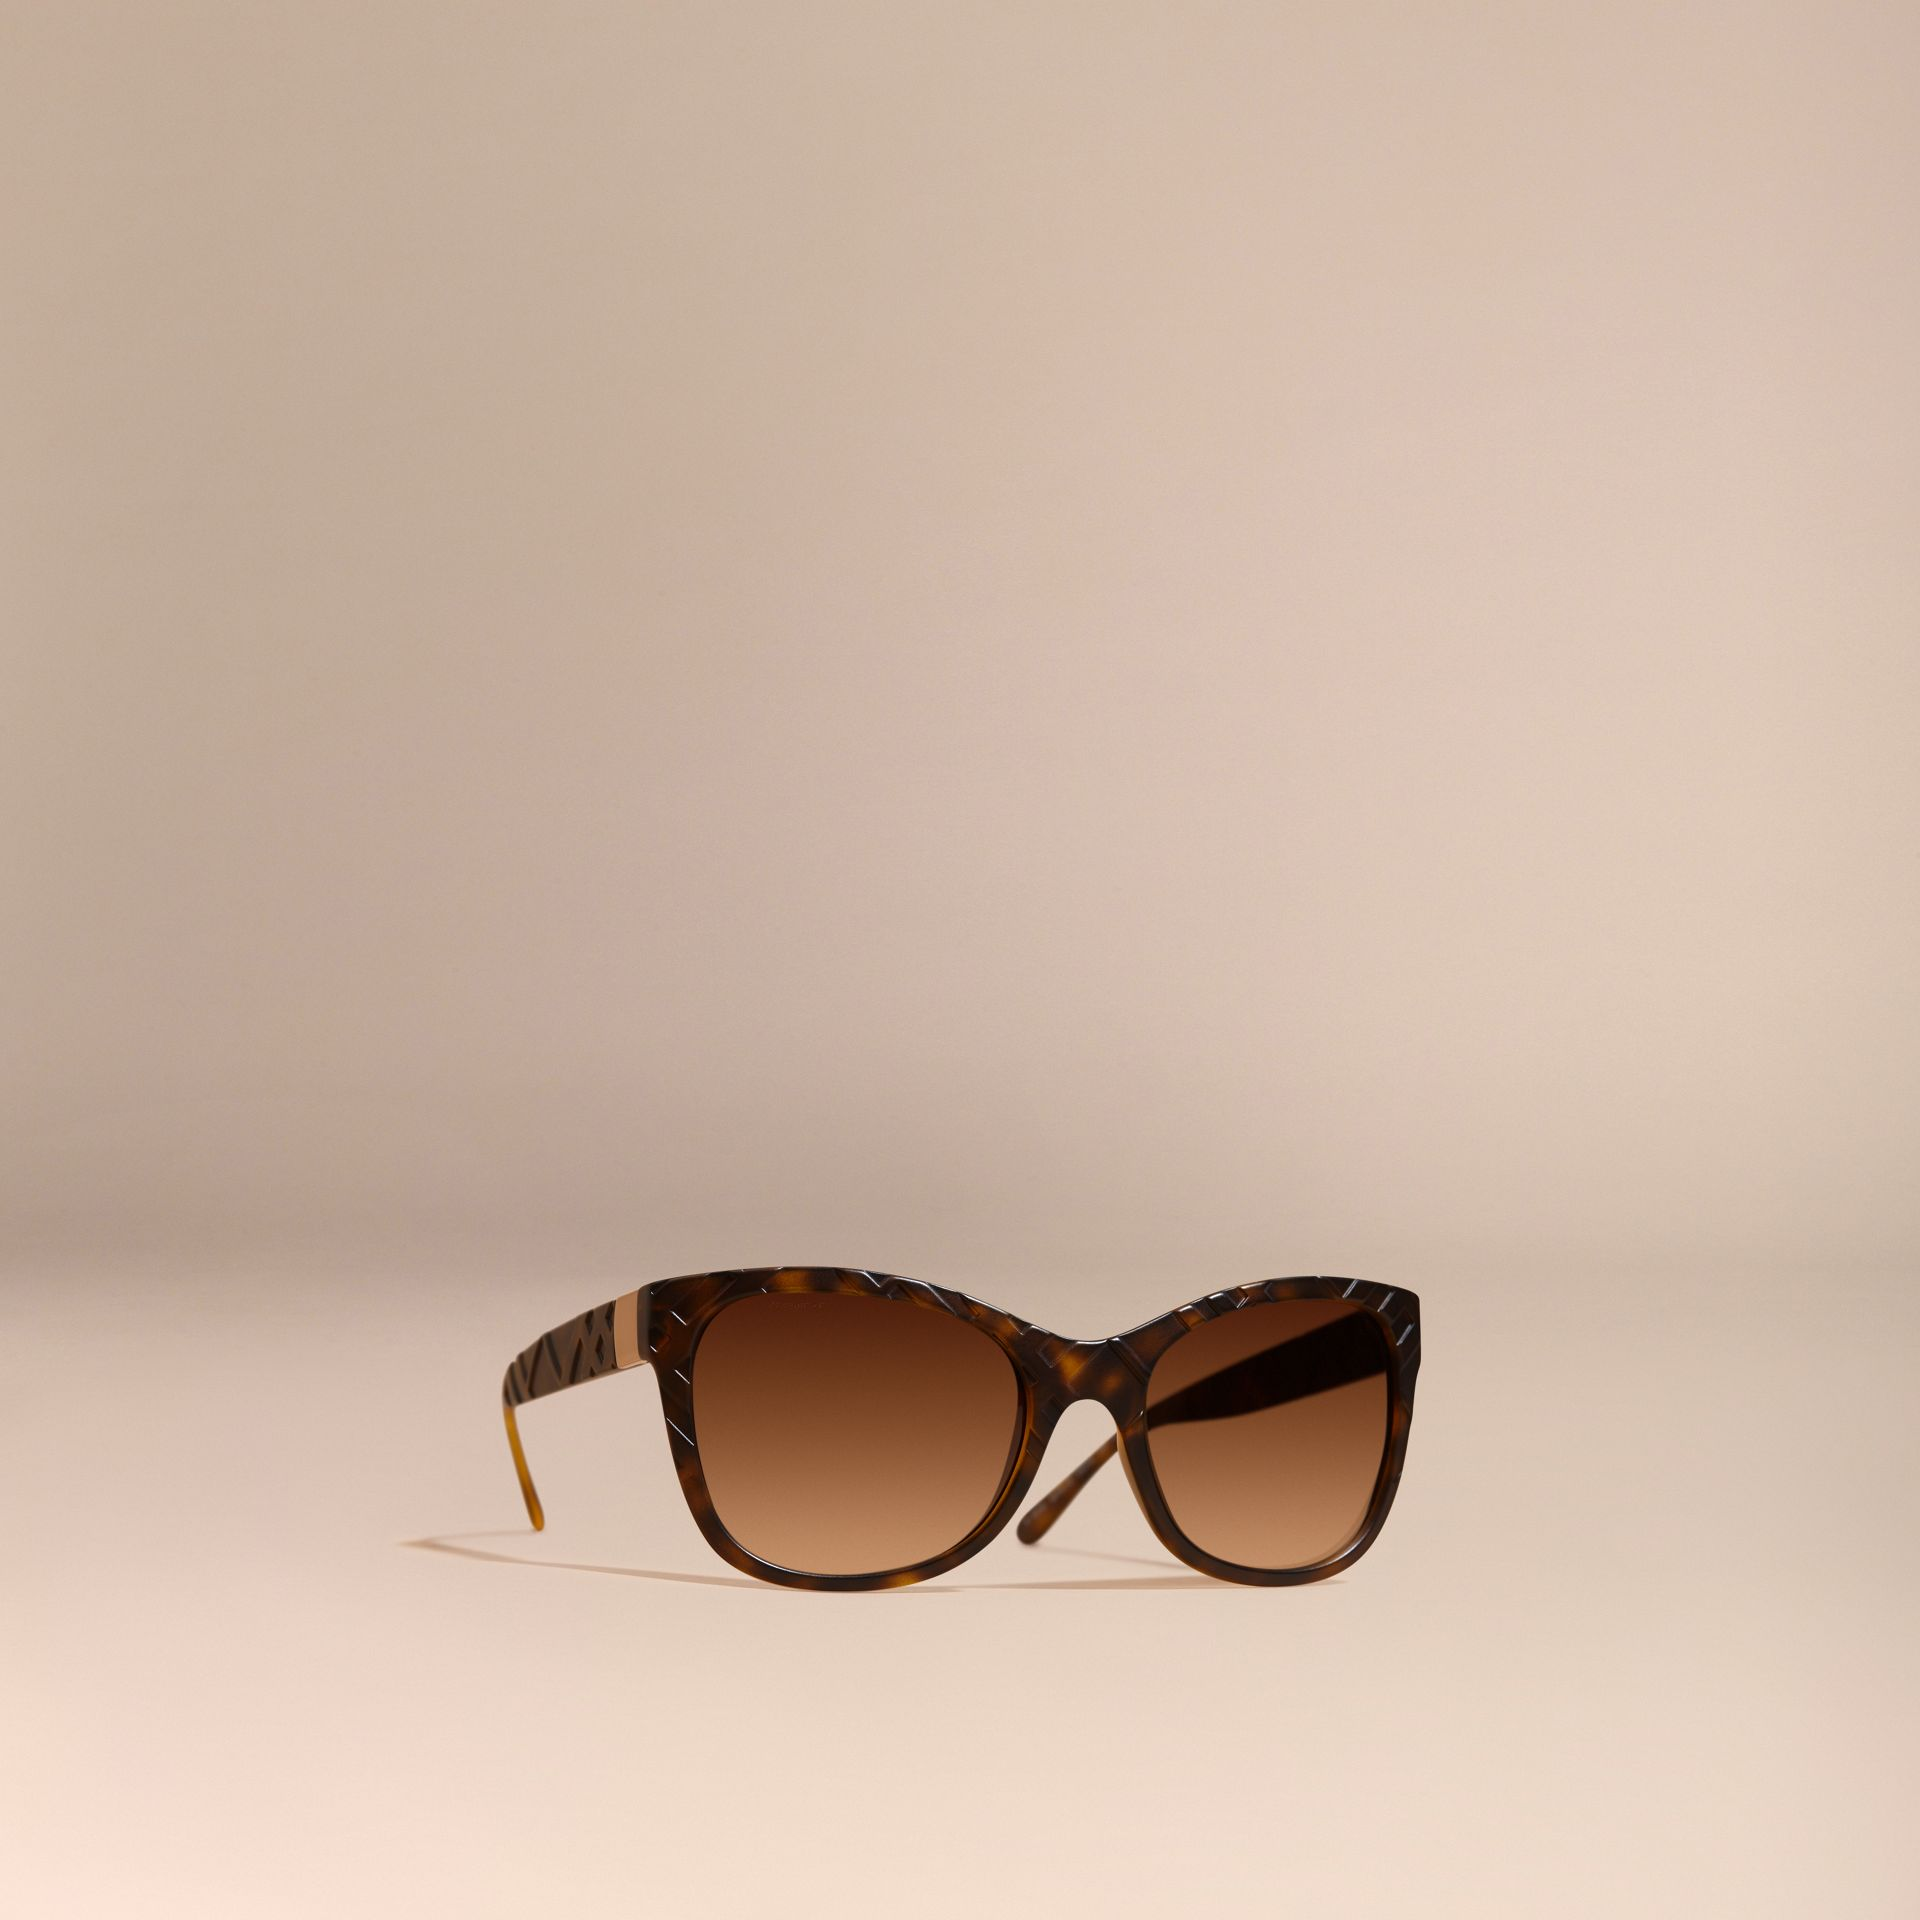 Tortoise shell 3D Check Square Frame Sunglasses Tortoise Shell - gallery image 1